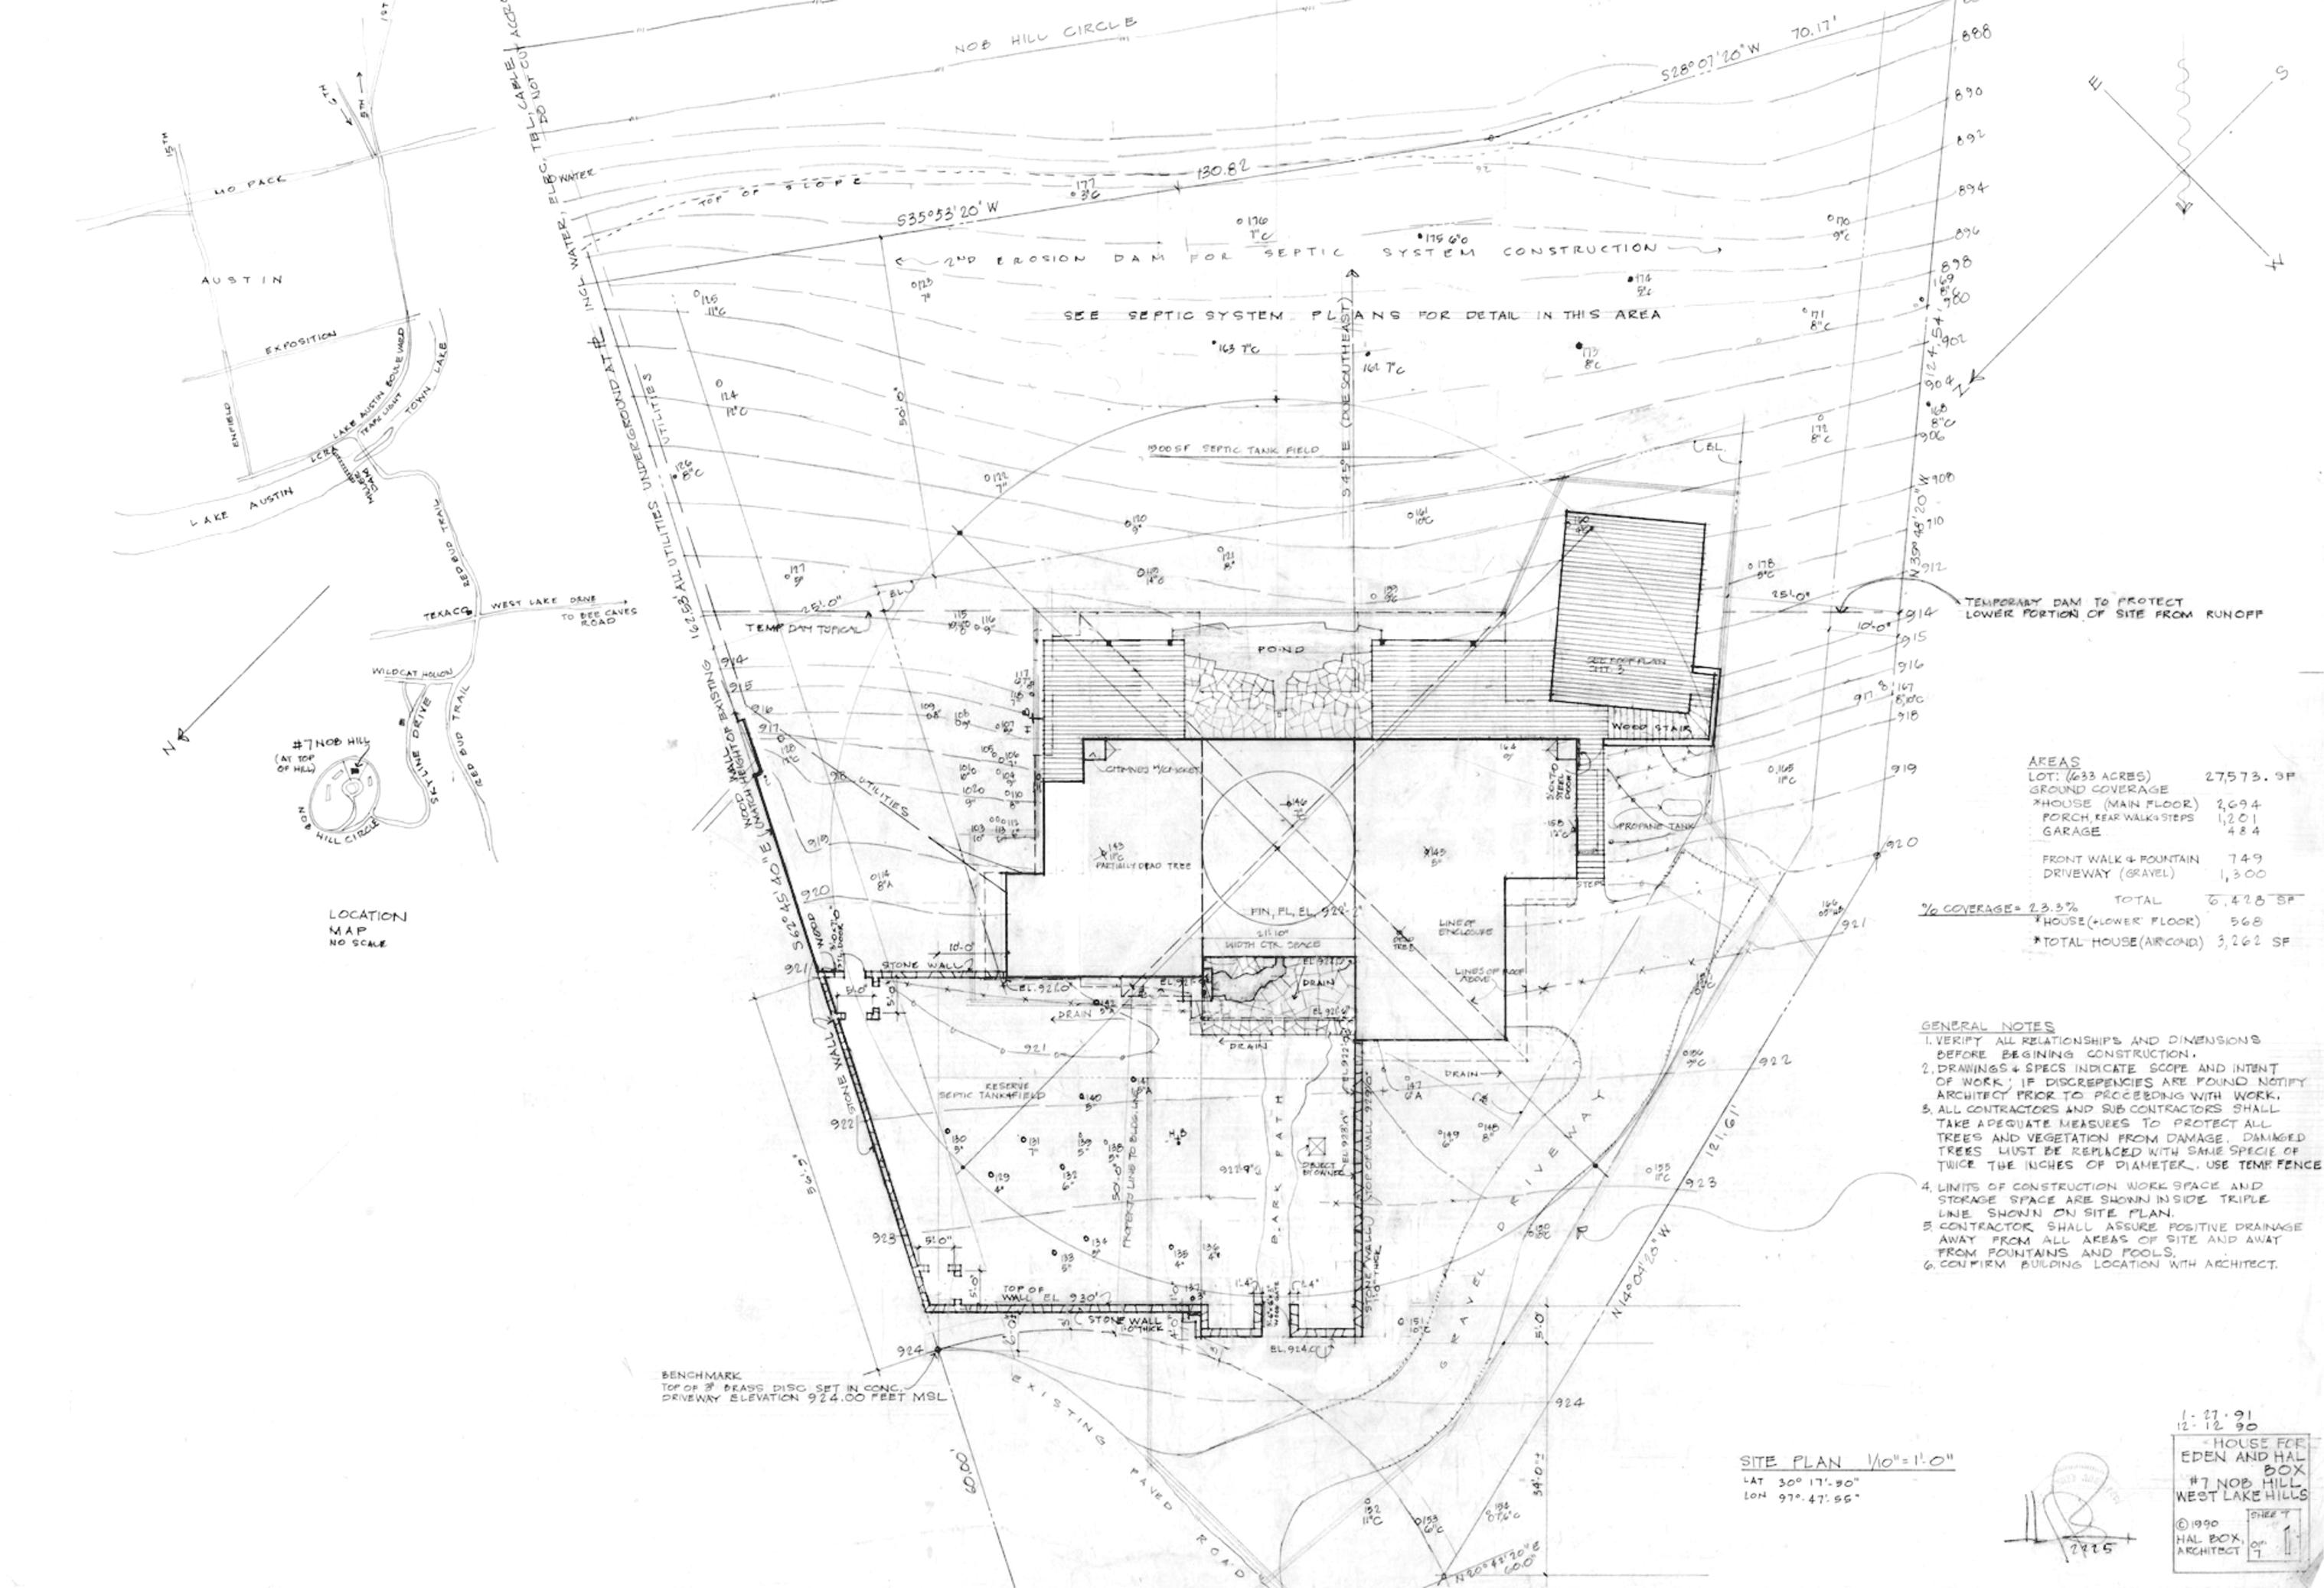 Генеральный план дома на Ноб-Хилл, выполненный автором. Остин, Техас, 1992